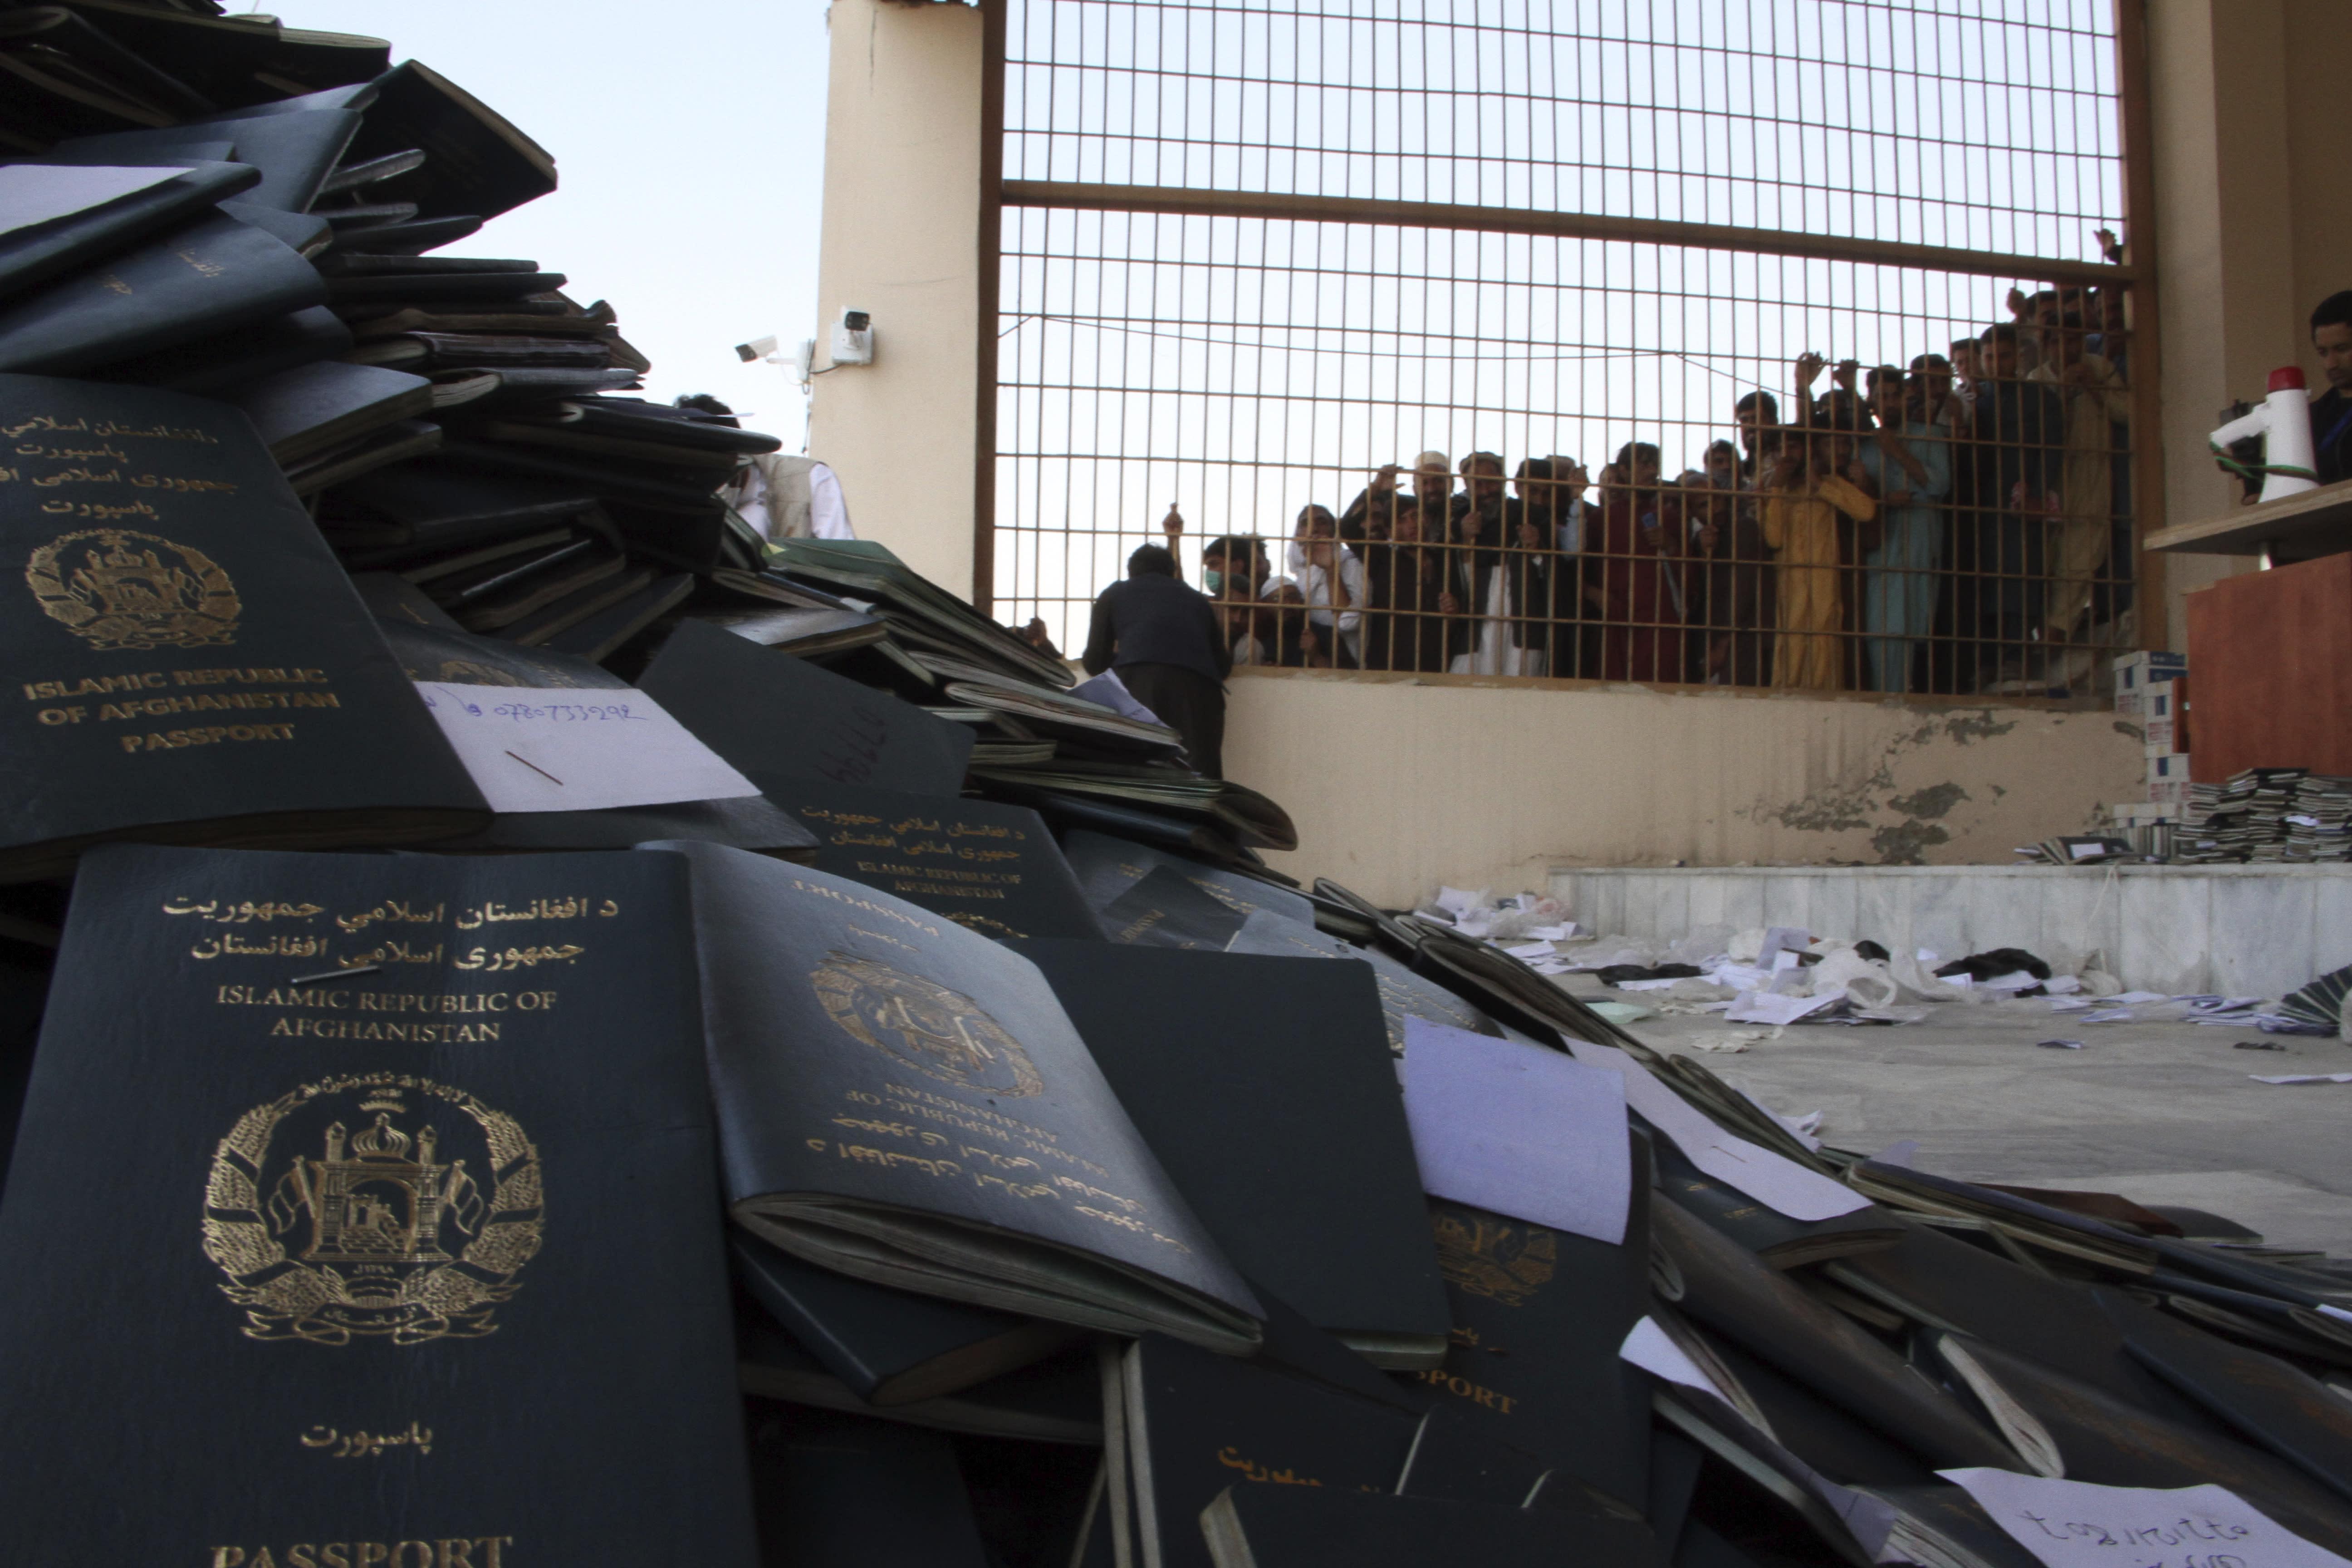 At least 15 killed in Afghan stampede for visas